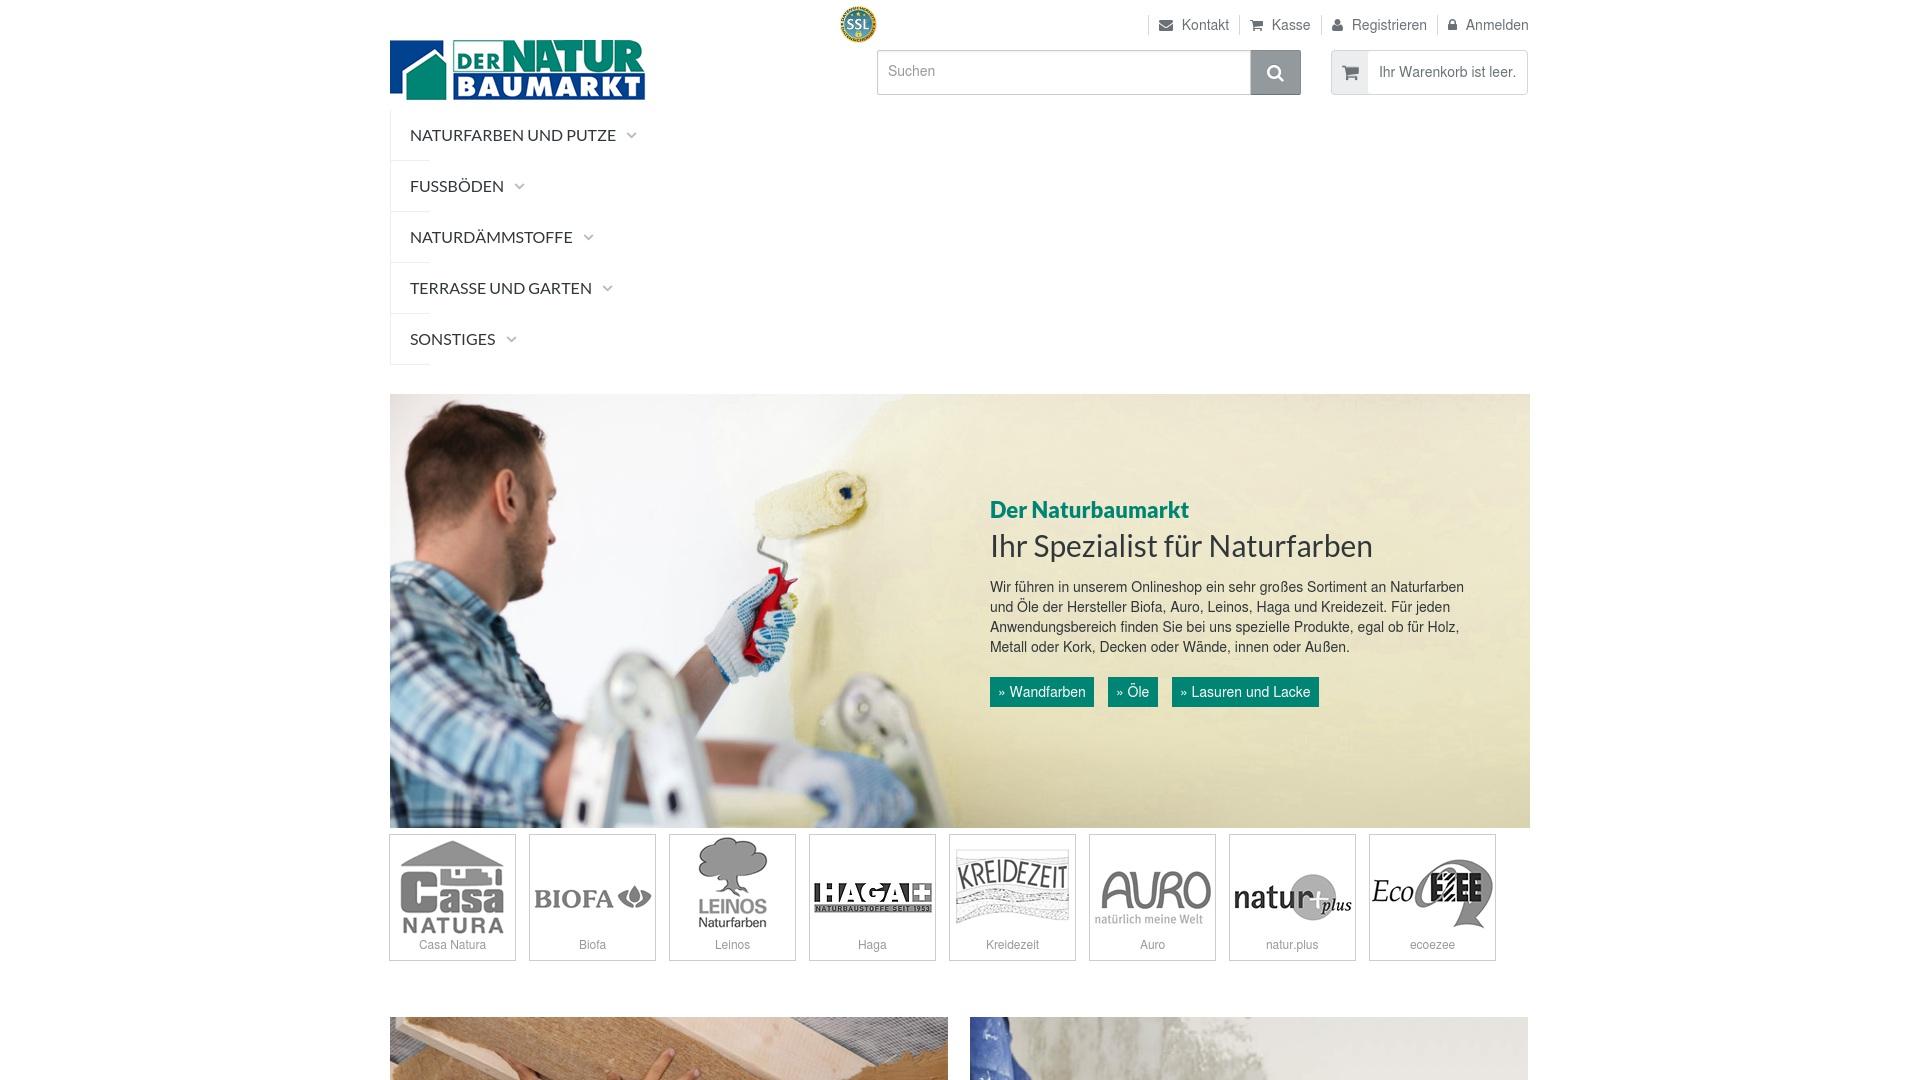 Gutschein für Dernaturbaumarkt-shop: Rabatte für  Dernaturbaumarkt-shop sichern